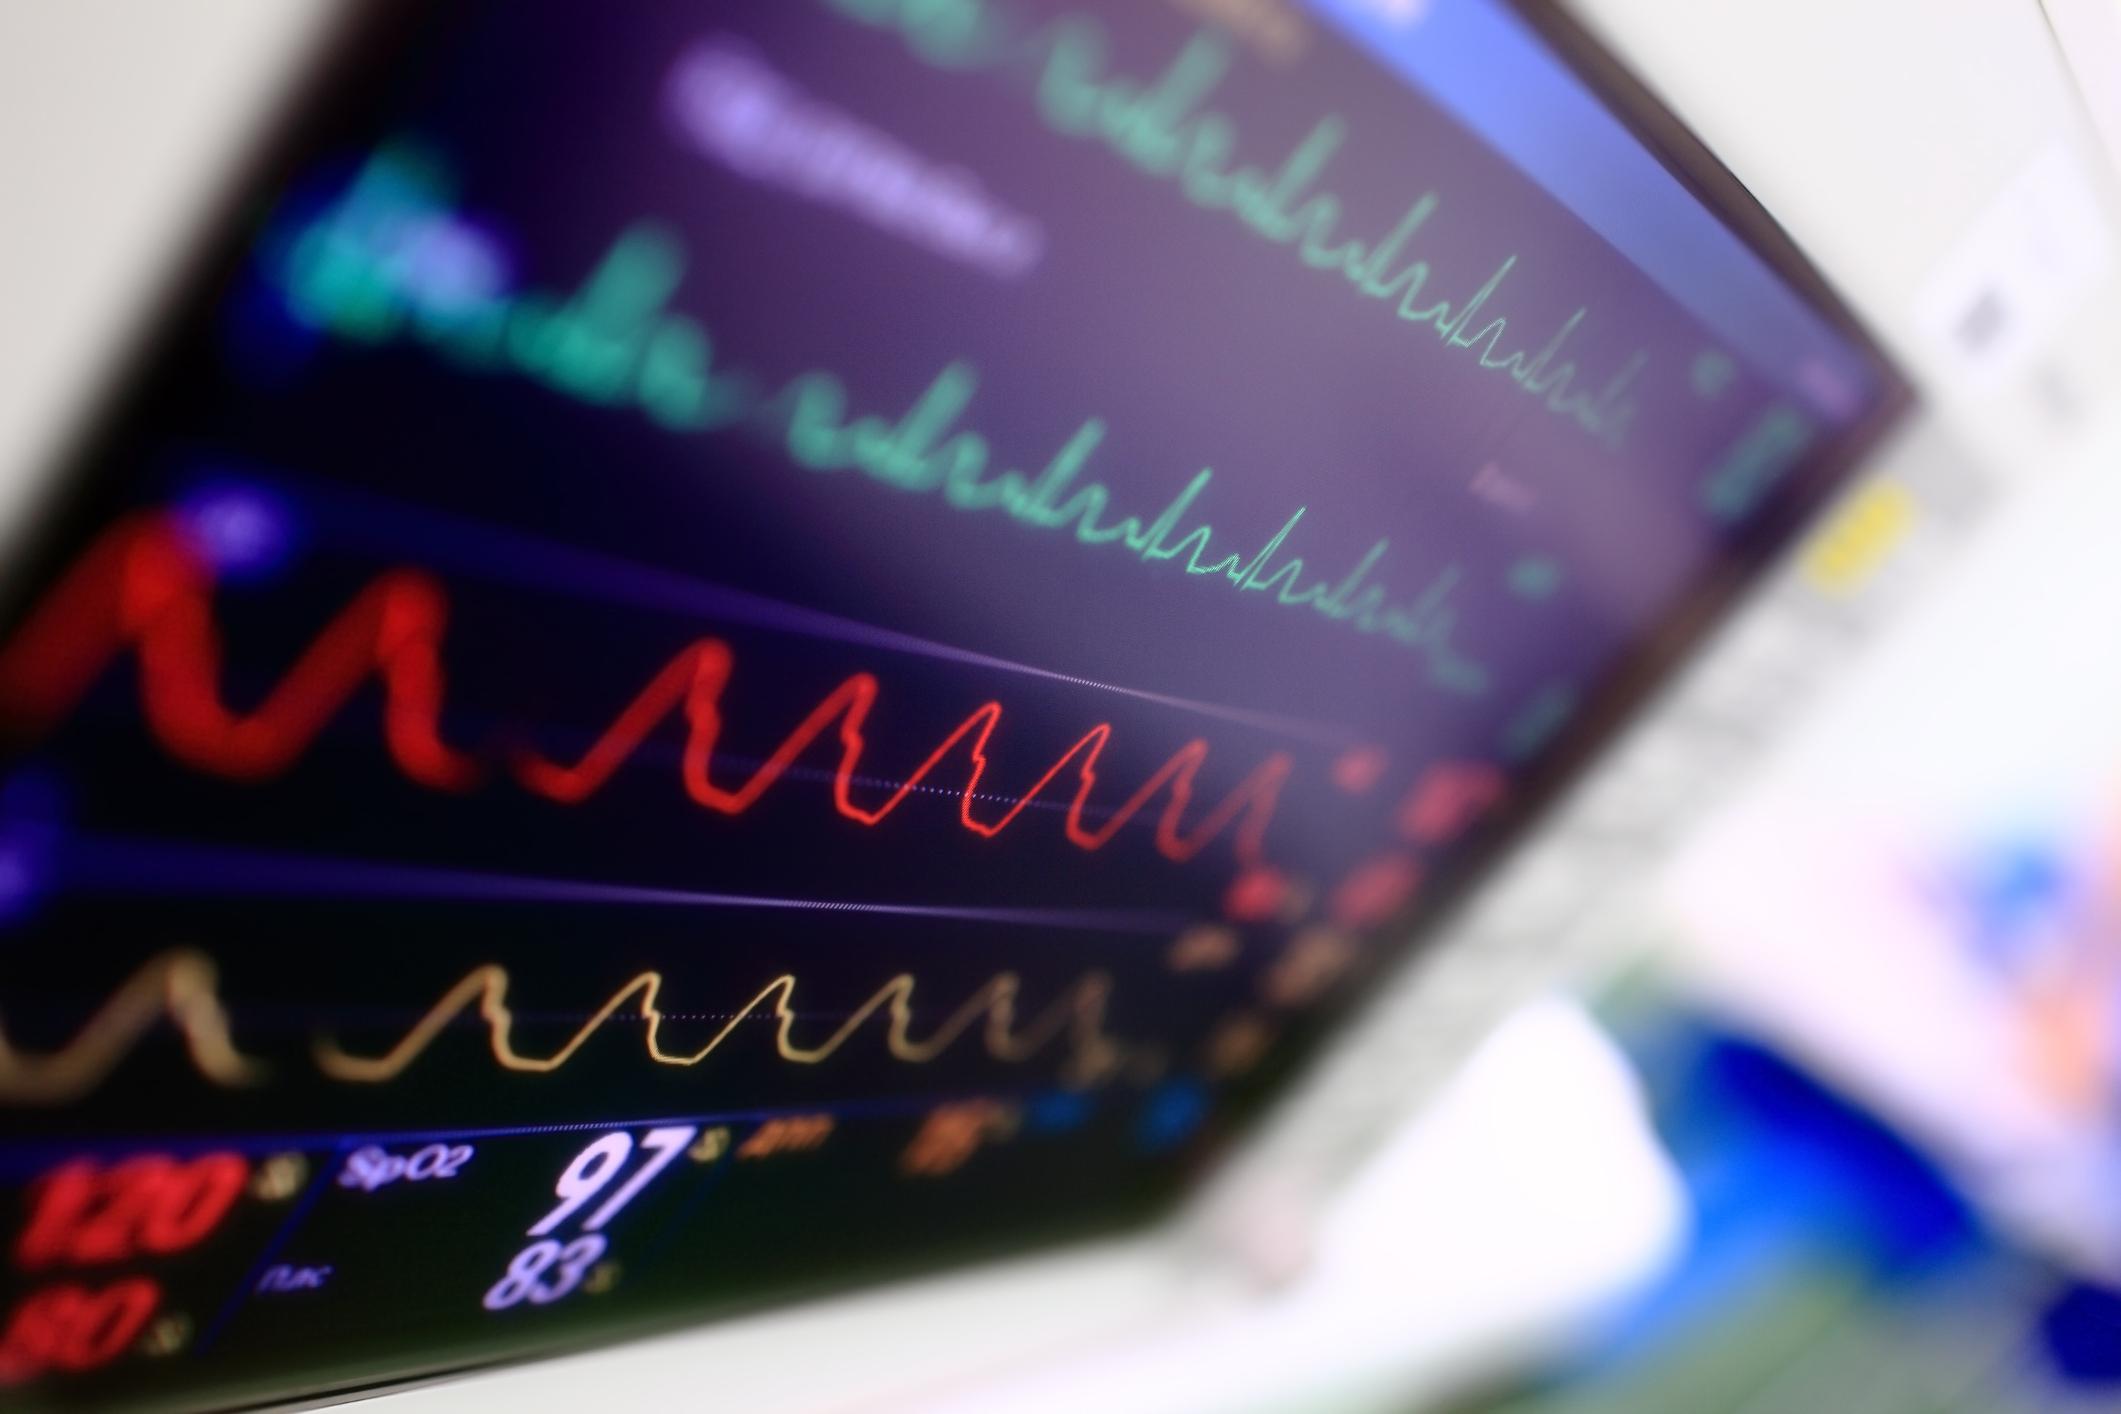 Facharzt Omid Raissi Gesundheitsuntersuchungen